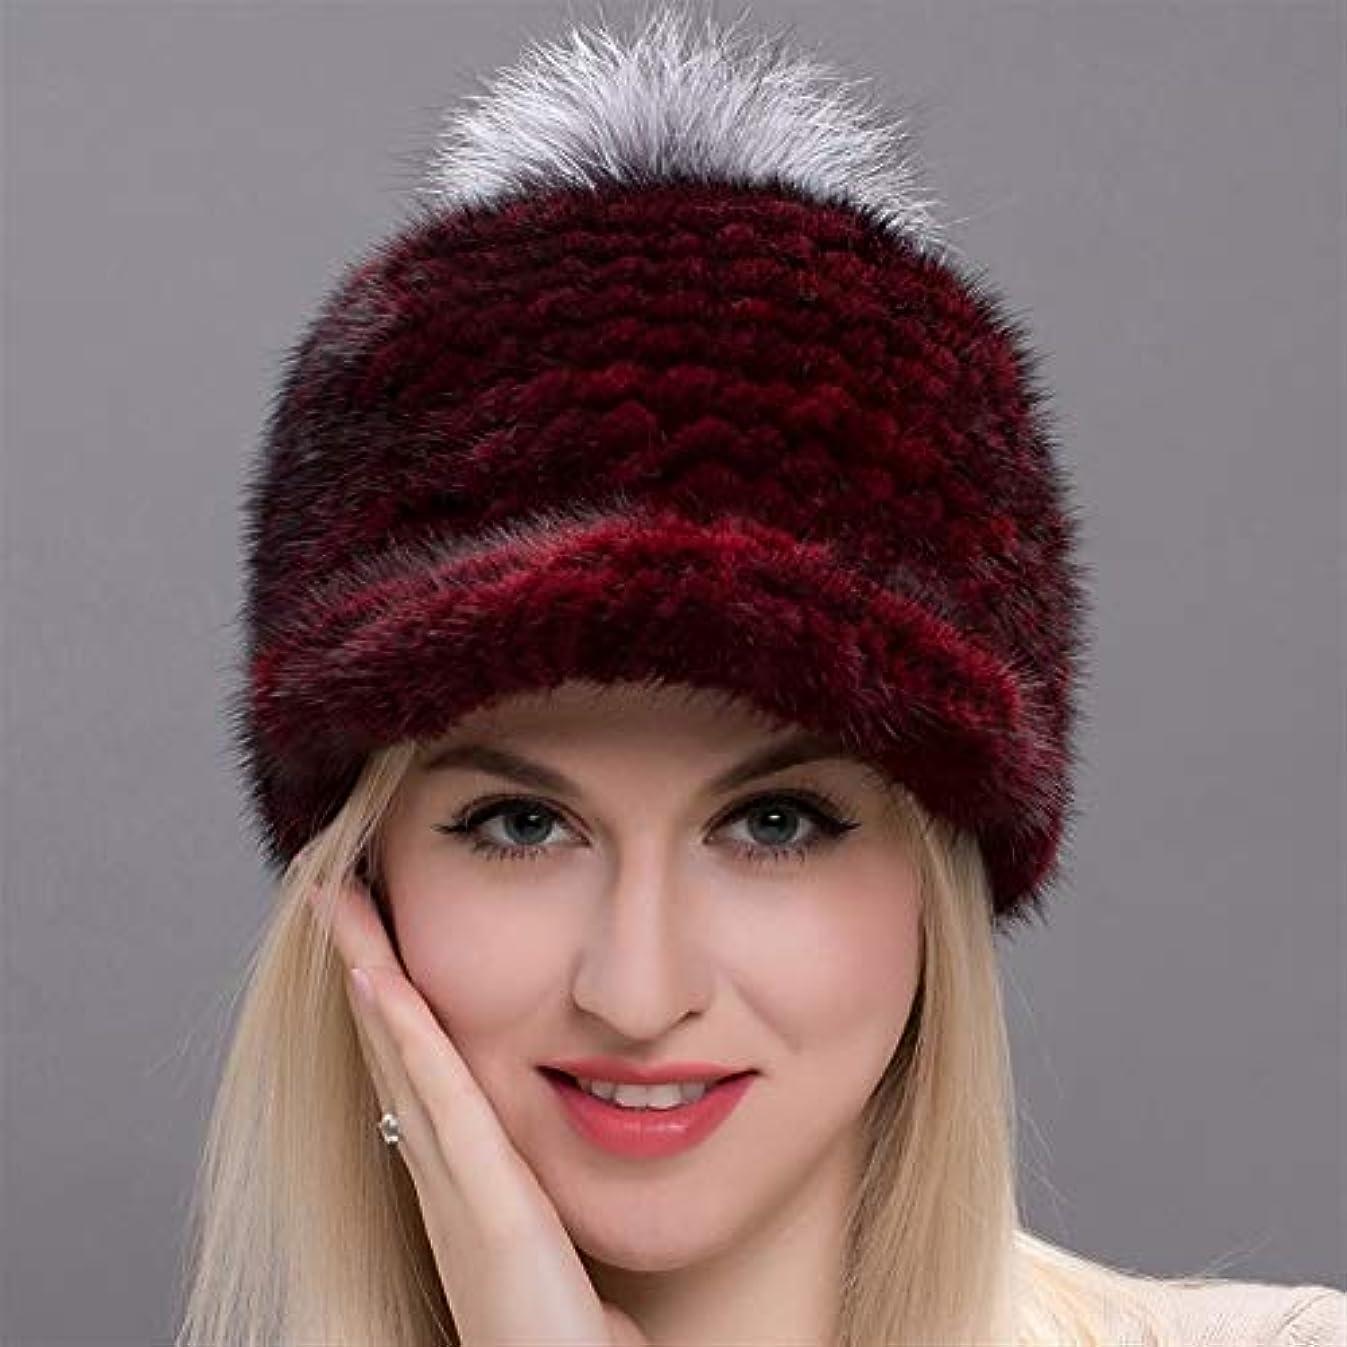 ベイビーバウンドエジプト人ACAO さん冬のミンクの帽子特大のキツネの毛皮のボールの毛皮の帽子耳包頭厚く暖かい毛皮の帽子 (色 : Red wine, Size : Adjustable)